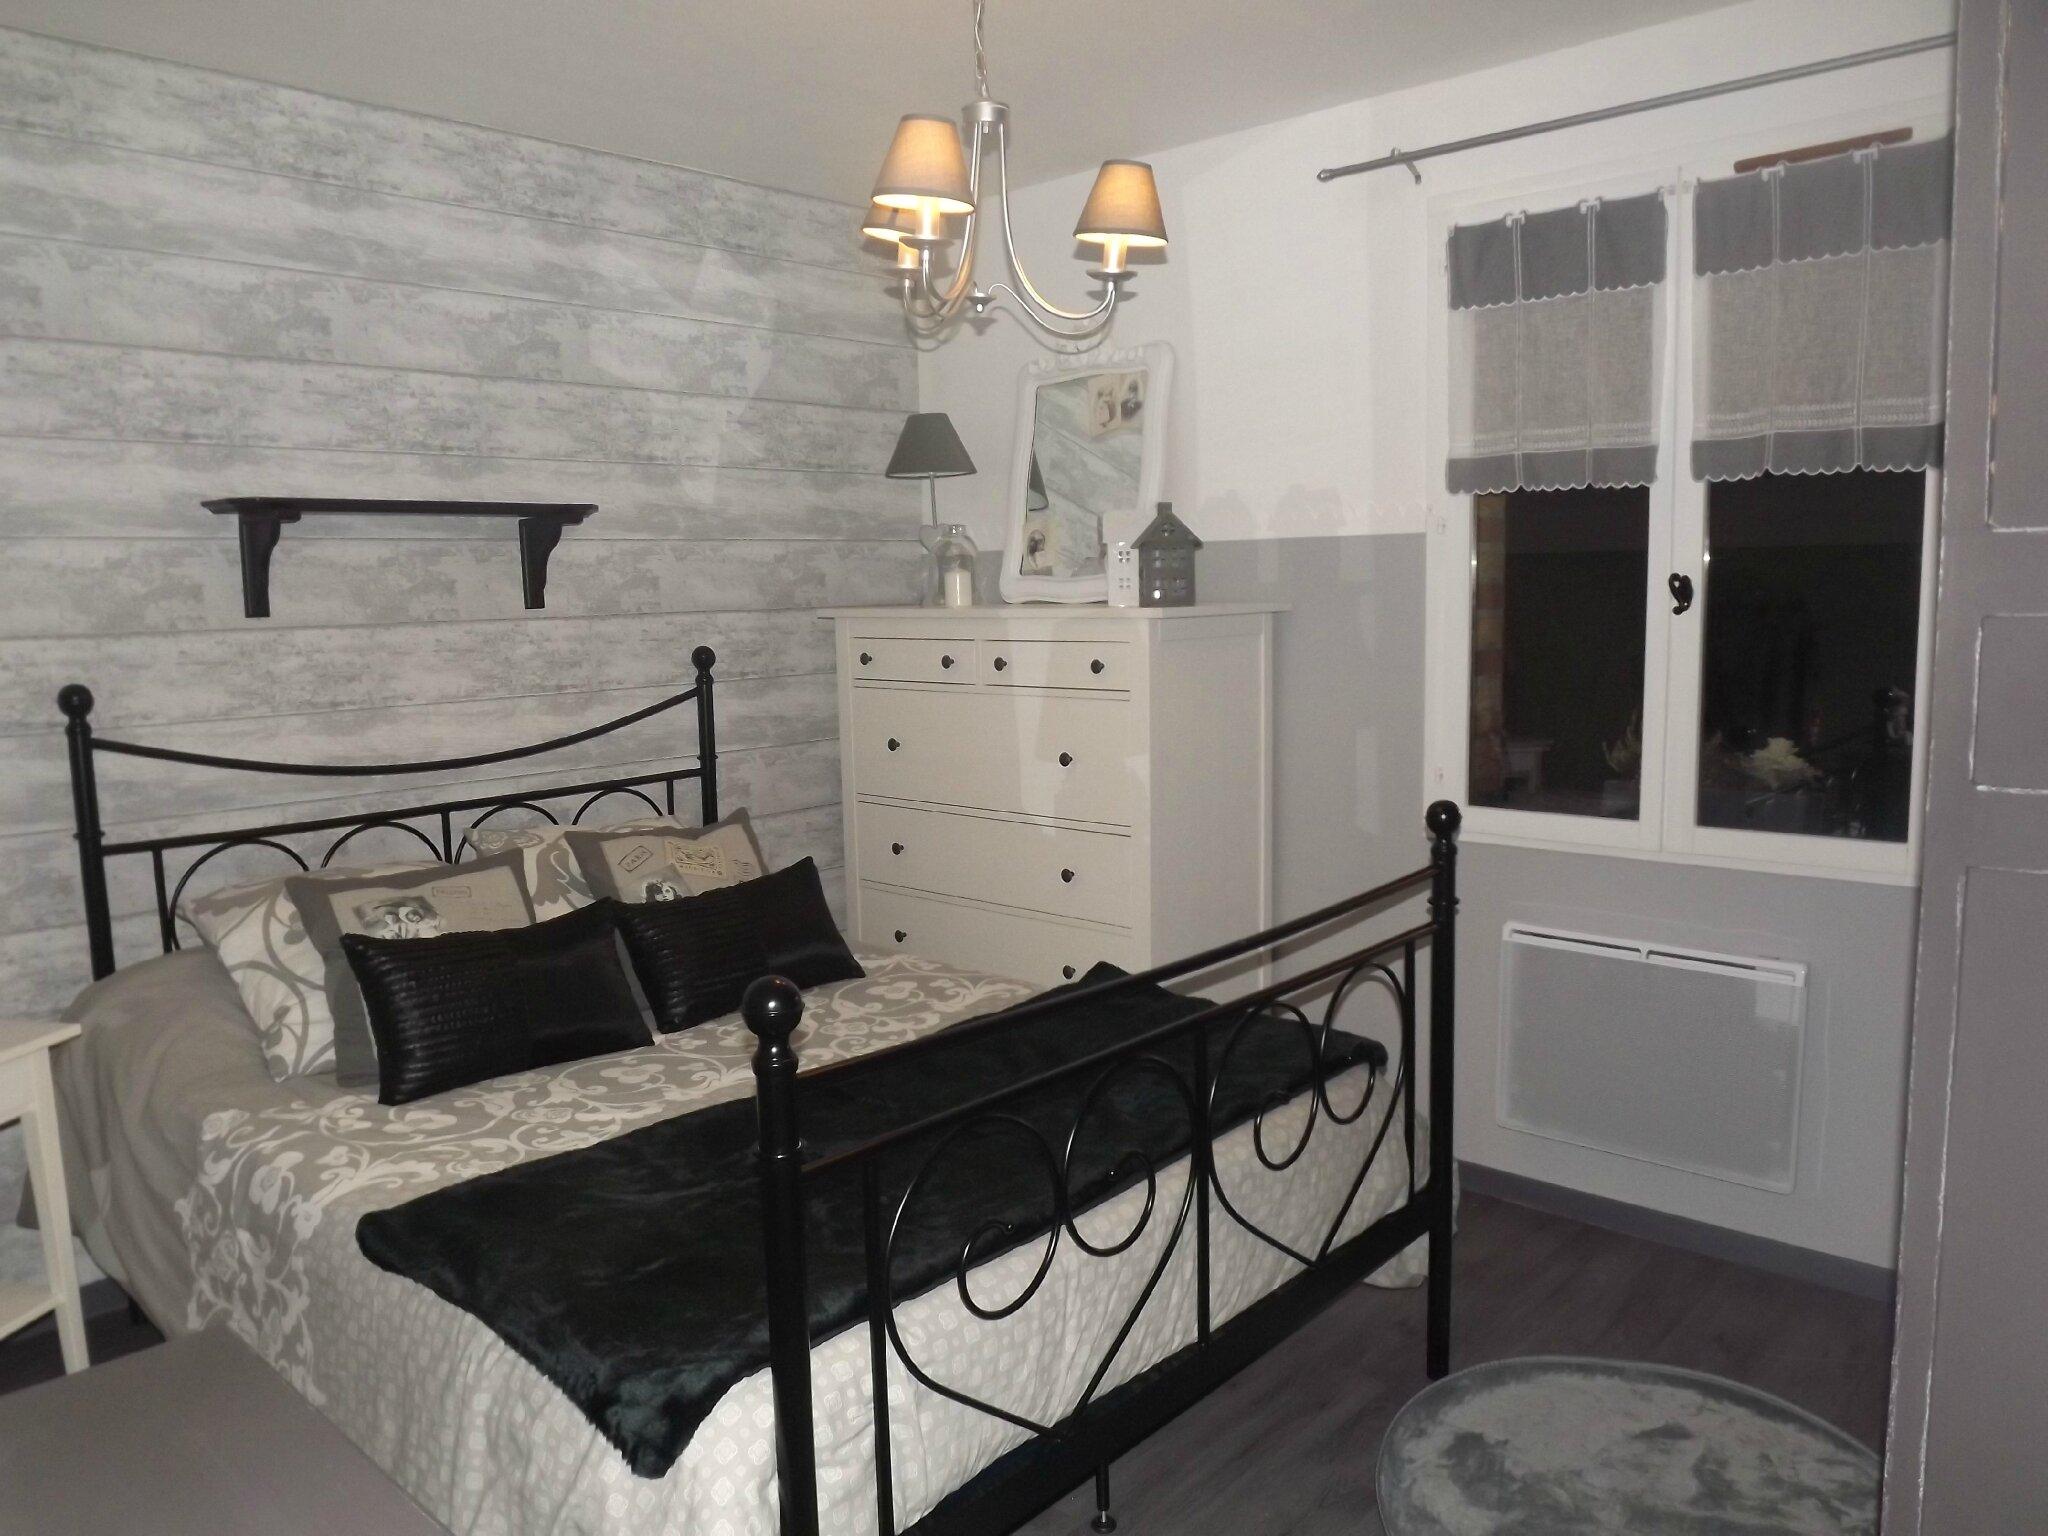 une semaine pour tout changer 1 er chapitre la d co de deux mains. Black Bedroom Furniture Sets. Home Design Ideas